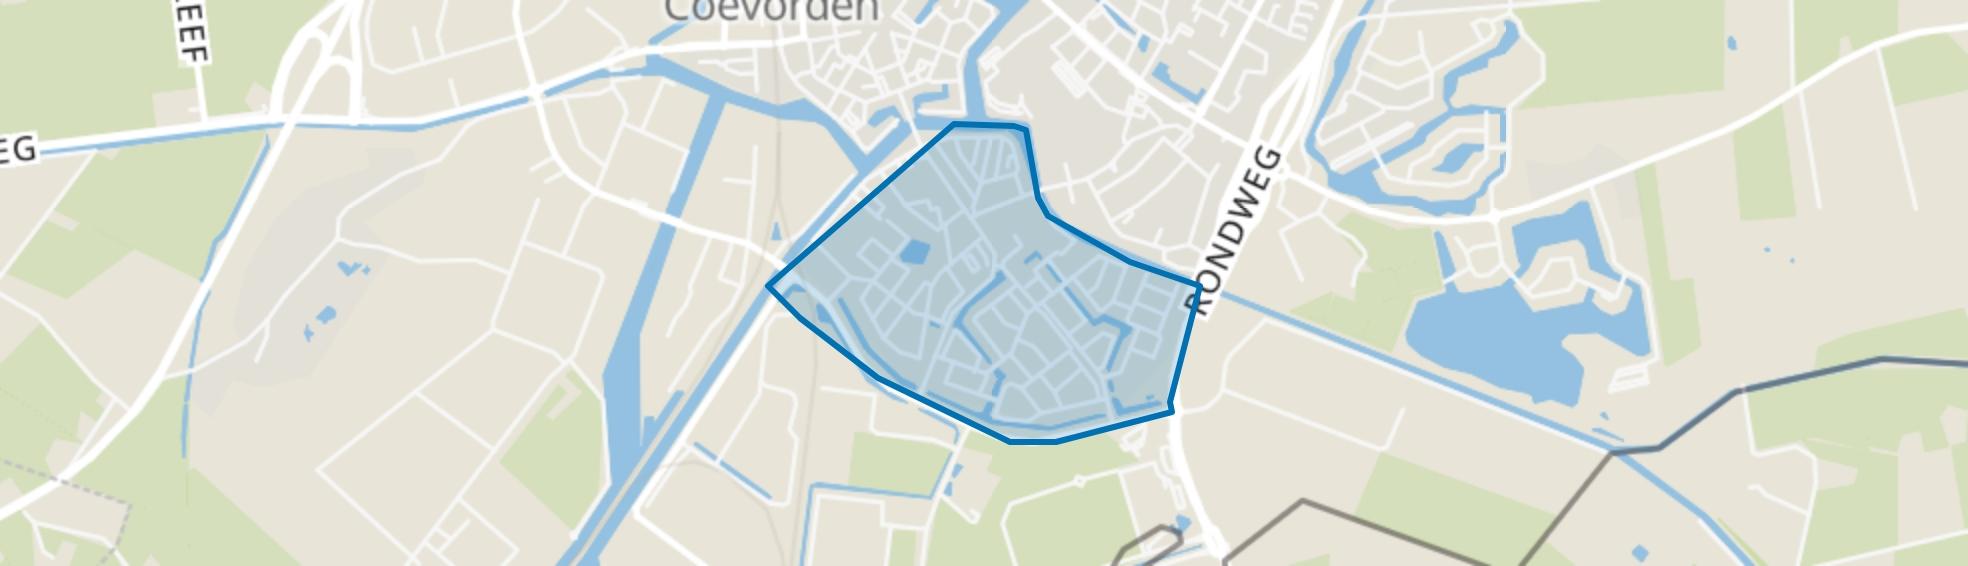 De Heege, Coevorden map